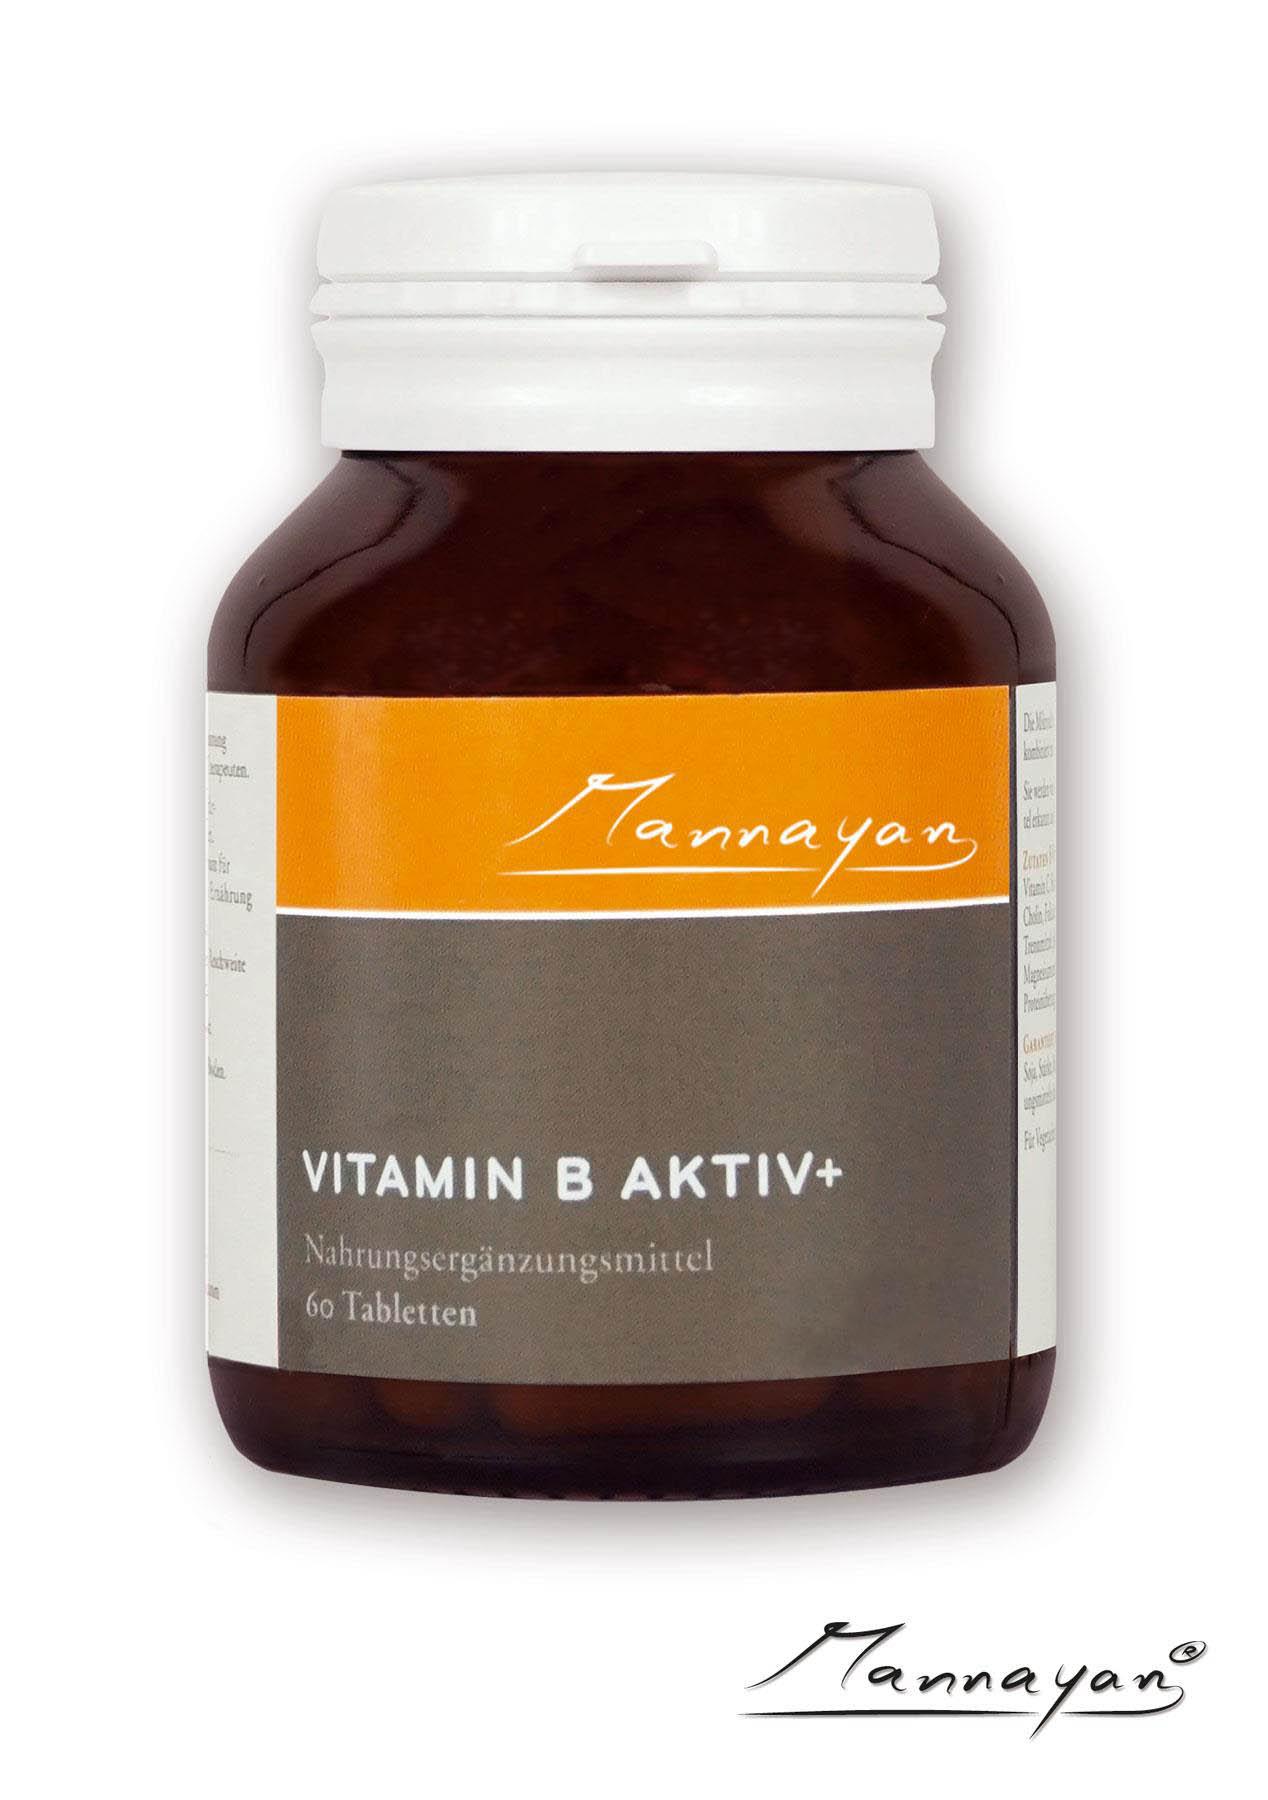 Vitamin B Aktiv+ von Mannayan